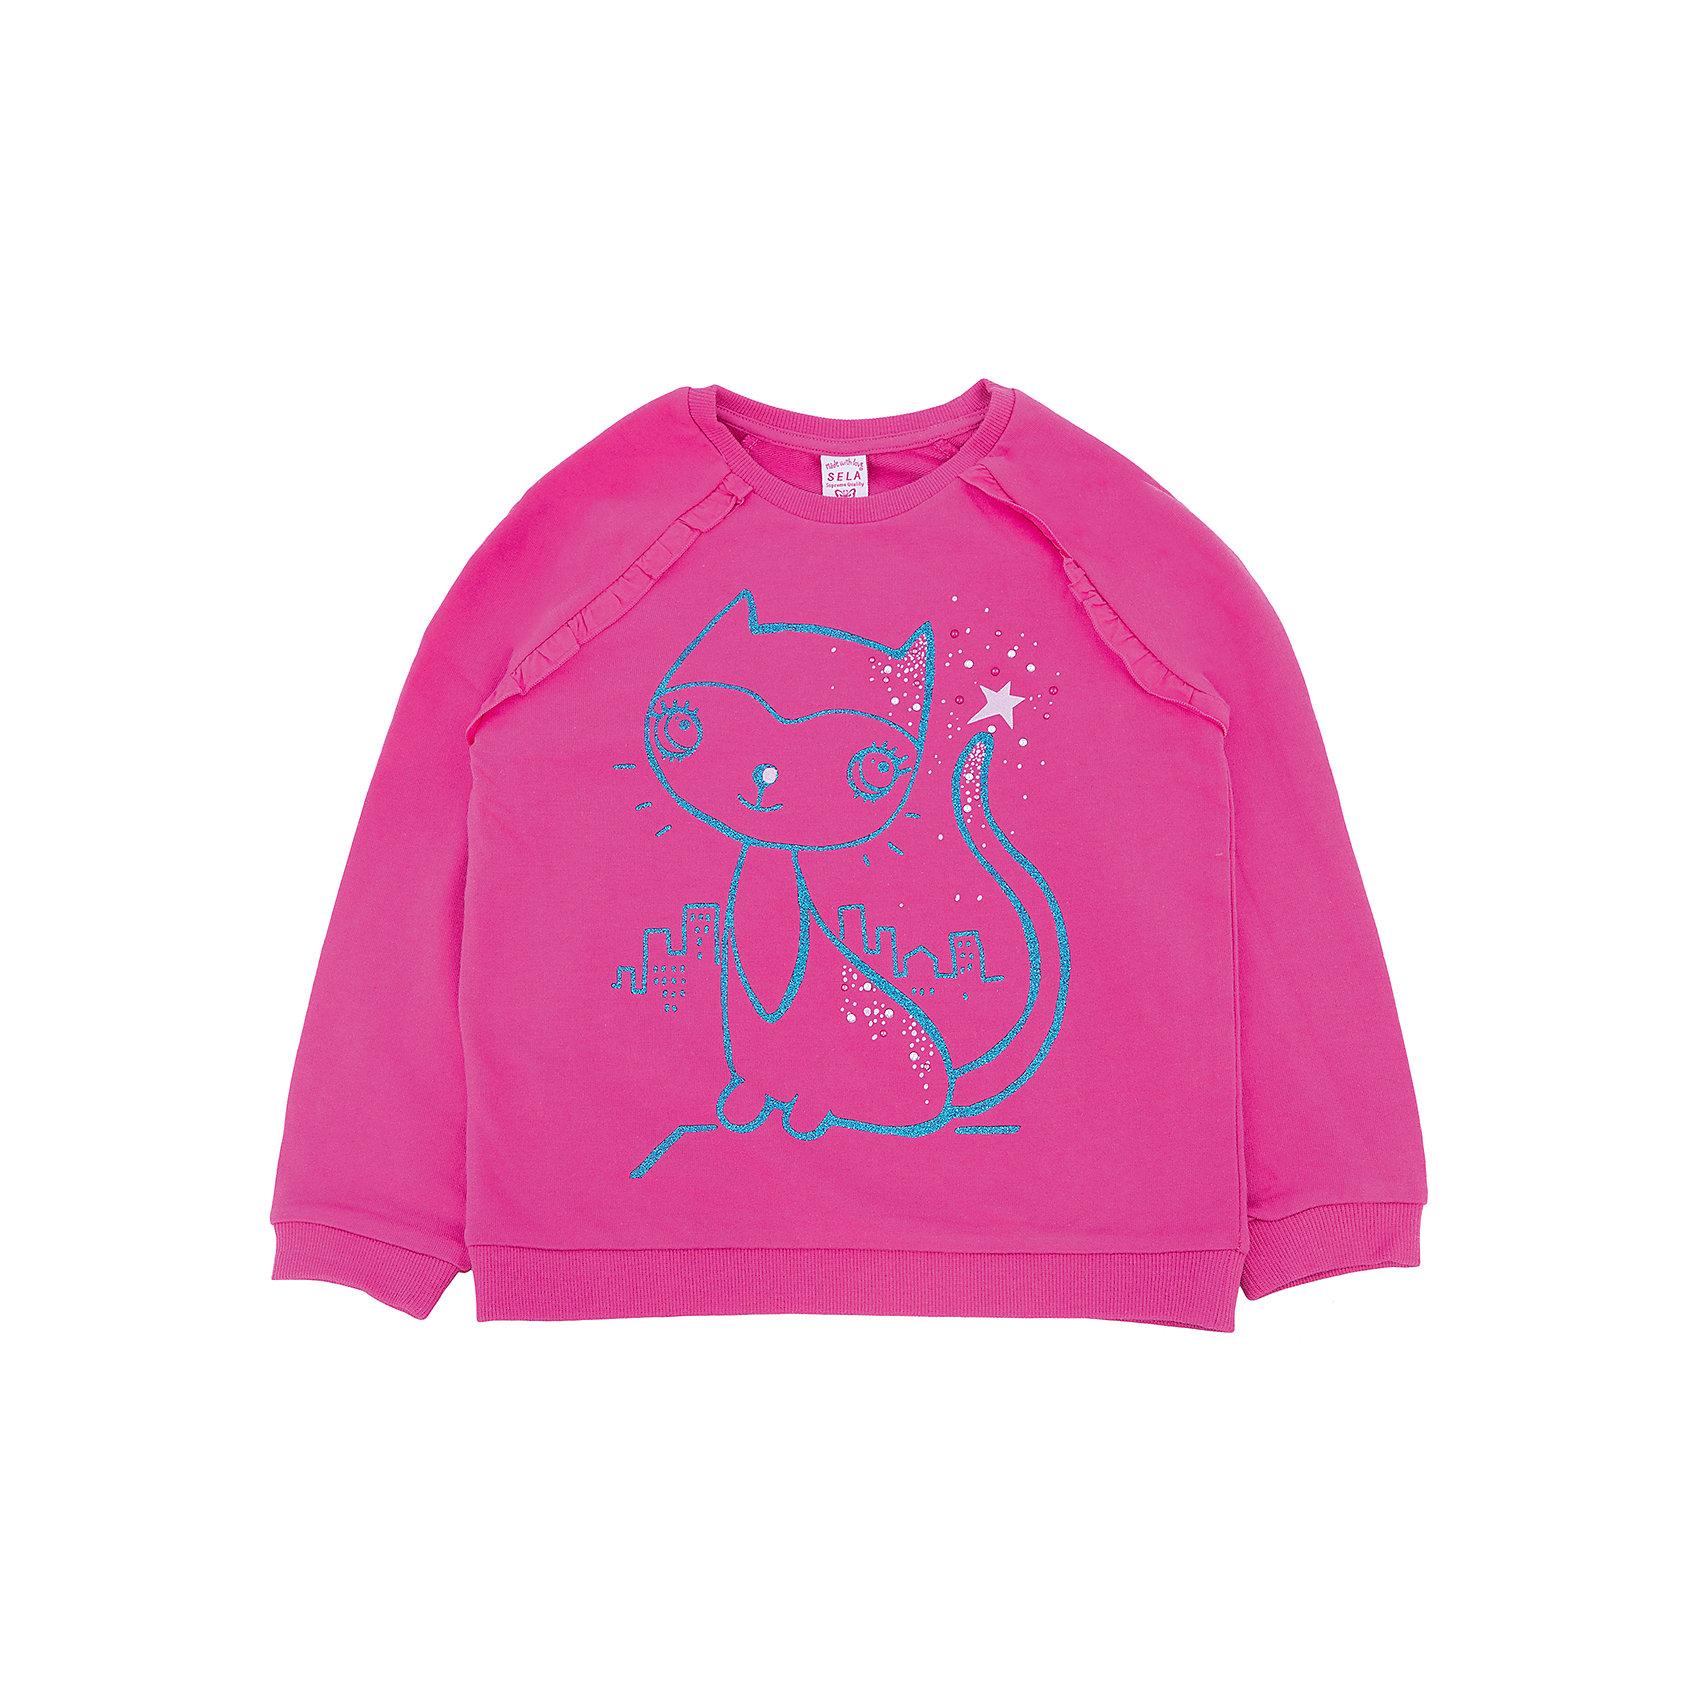 Толстовка для девочки SELAТолстовки<br>Толстовка для девочки из коллекции осень-зима 2016-2017 от известного бренда SELA. Удобный хлопковый джемпер на каждый день. Приятный цвет и яркий рисунок кошки придут по вкусу модницам и любительницам животных. Джемпер отлично подойдет к юбкам и к джинсам.<br><br>Дополнительная информация:<br>- Длина: нормальная<br>- Рукав: длинный, реглан<br>- Силуэт: прямой<br>Состав: 100% хлопок <br><br>Джемпер для девочек Sela можно купить в нашем интернет-магазине.<br><br>Подробнее:<br>• Для детей в возрасте: от 2 до 6 лет<br>• Номер товара: 4913381<br>Страна производитель: Китай<br><br>Ширина мм: 190<br>Глубина мм: 74<br>Высота мм: 229<br>Вес г: 236<br>Цвет: фиолетовый<br>Возраст от месяцев: 24<br>Возраст до месяцев: 36<br>Пол: Женский<br>Возраст: Детский<br>Размер: 98,116,104,110,92<br>SKU: 4913380